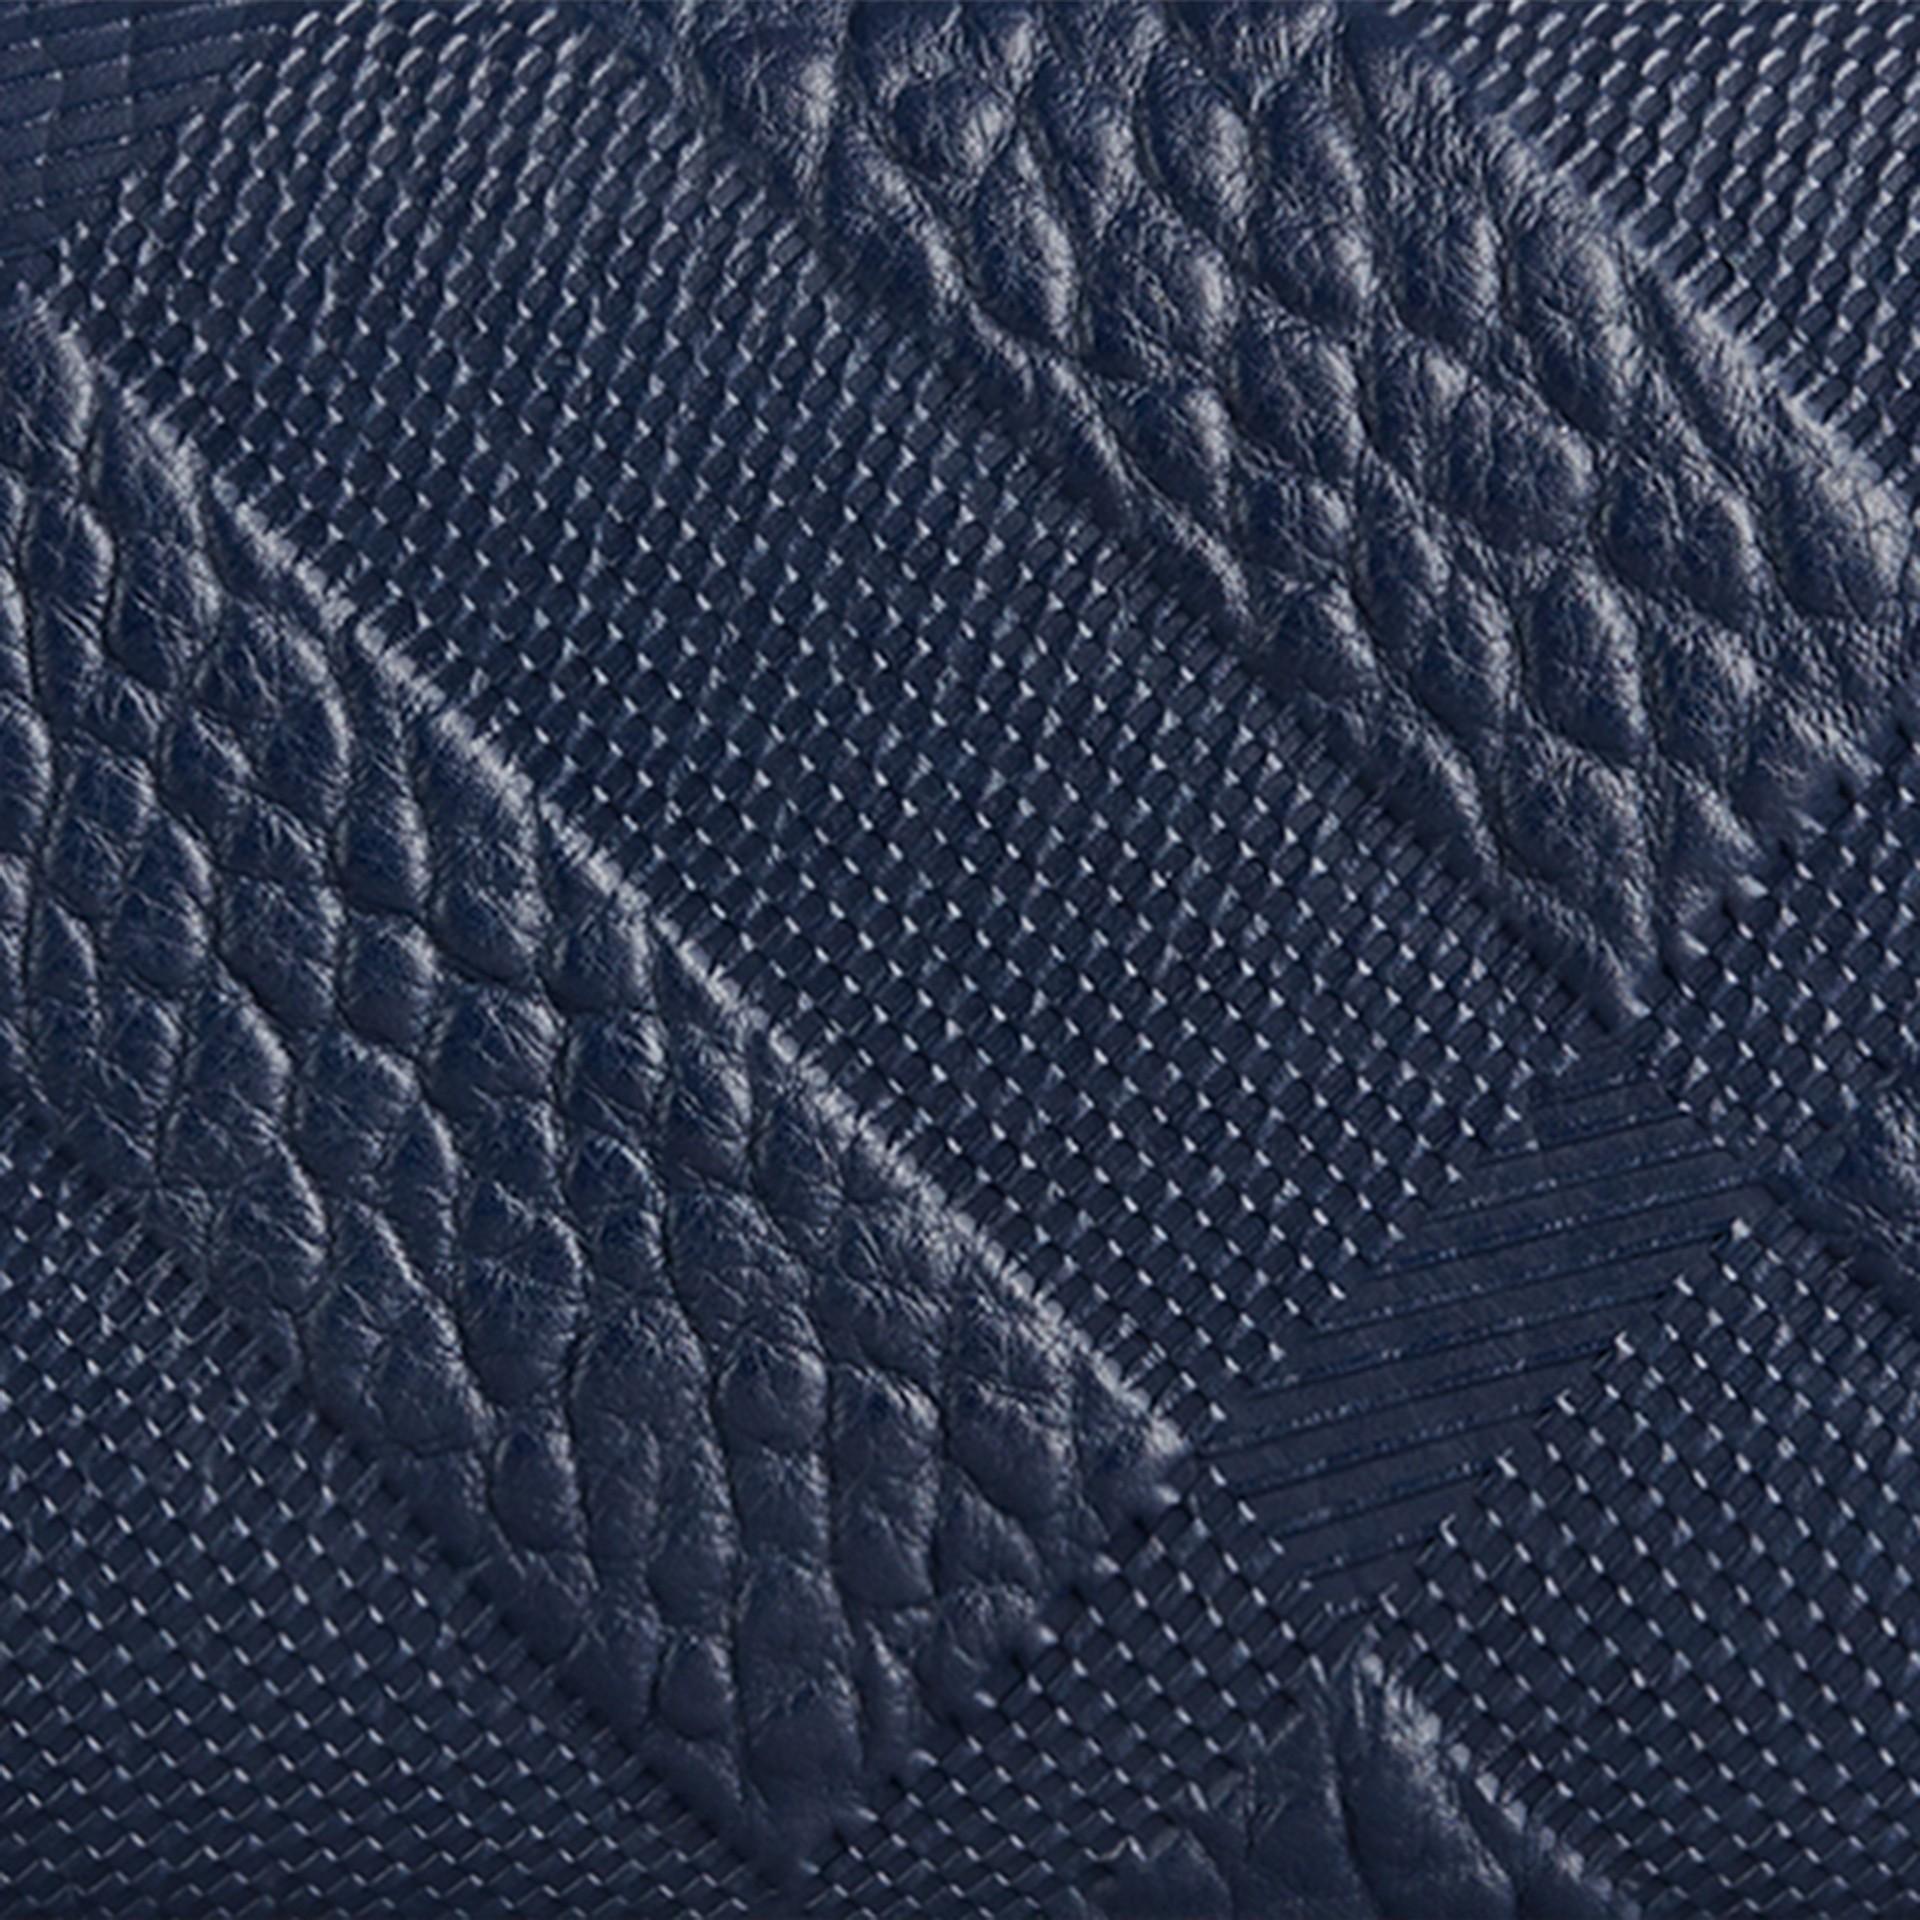 Bleu carbone Portefeuille continental en cuir à motif check estampé Bleu Carbone - photo de la galerie 2